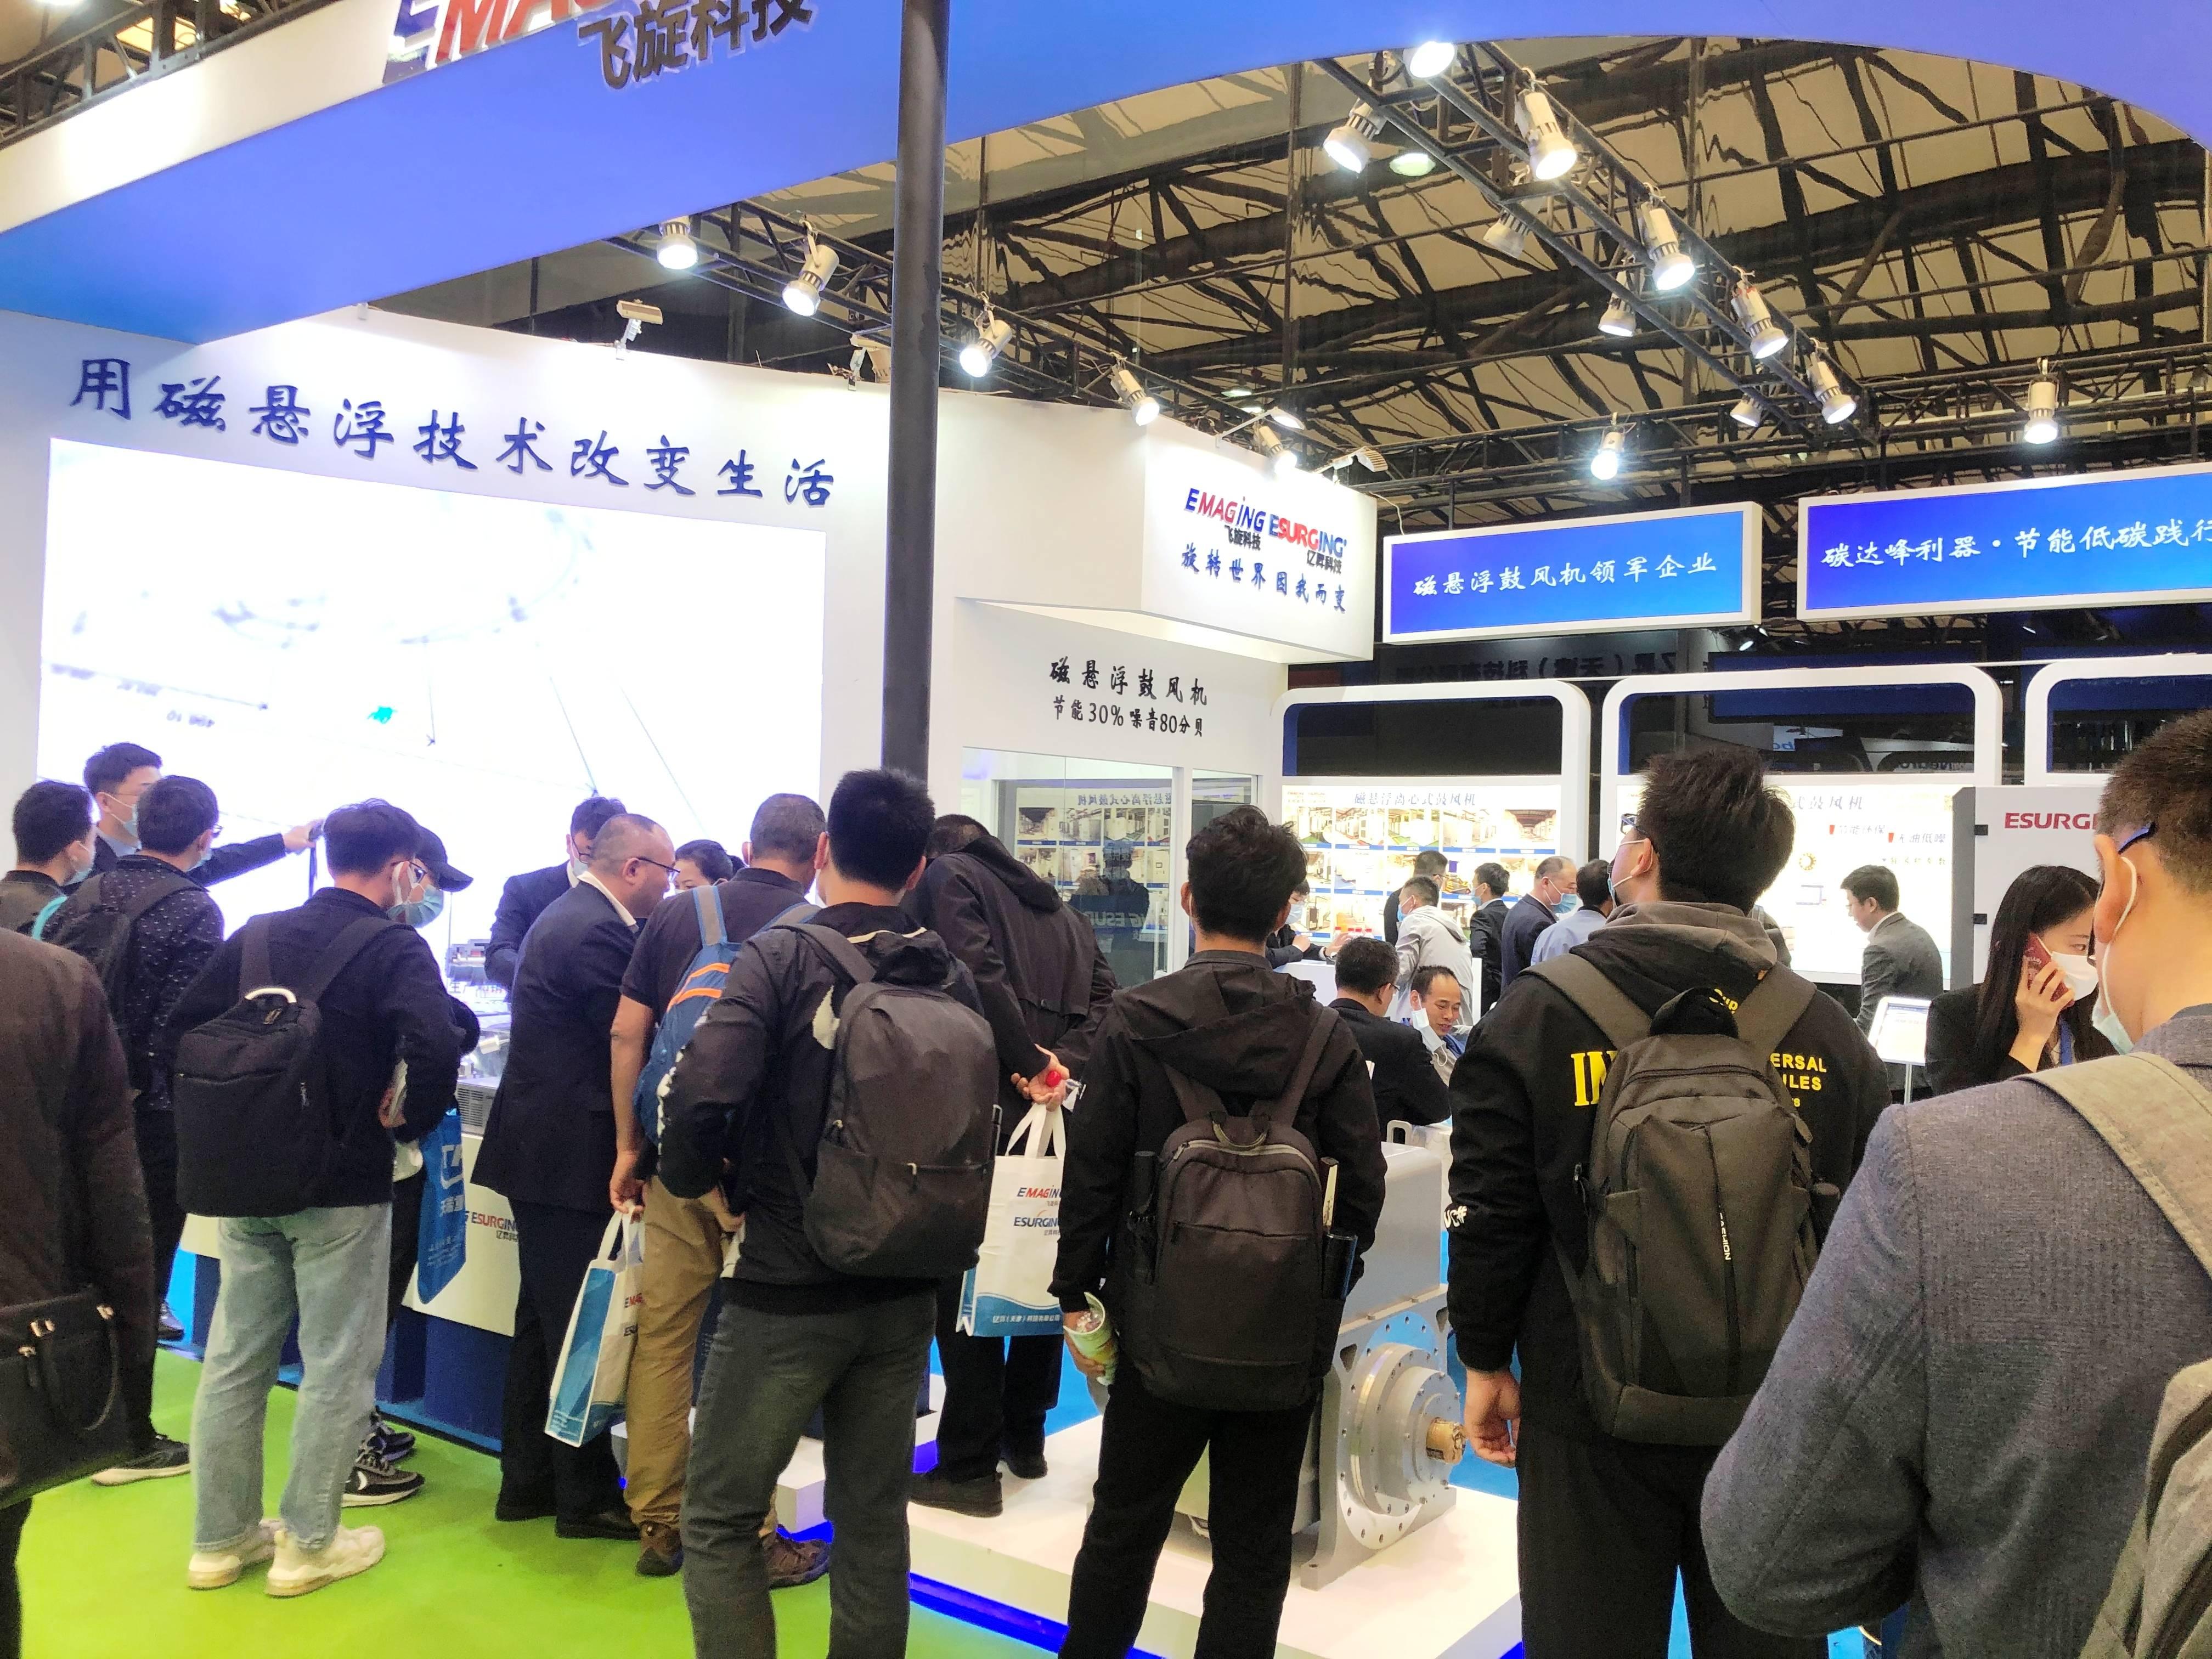 碳达峰利器!亿昇科技磁悬浮方案惊艳亮相22届上海环博会